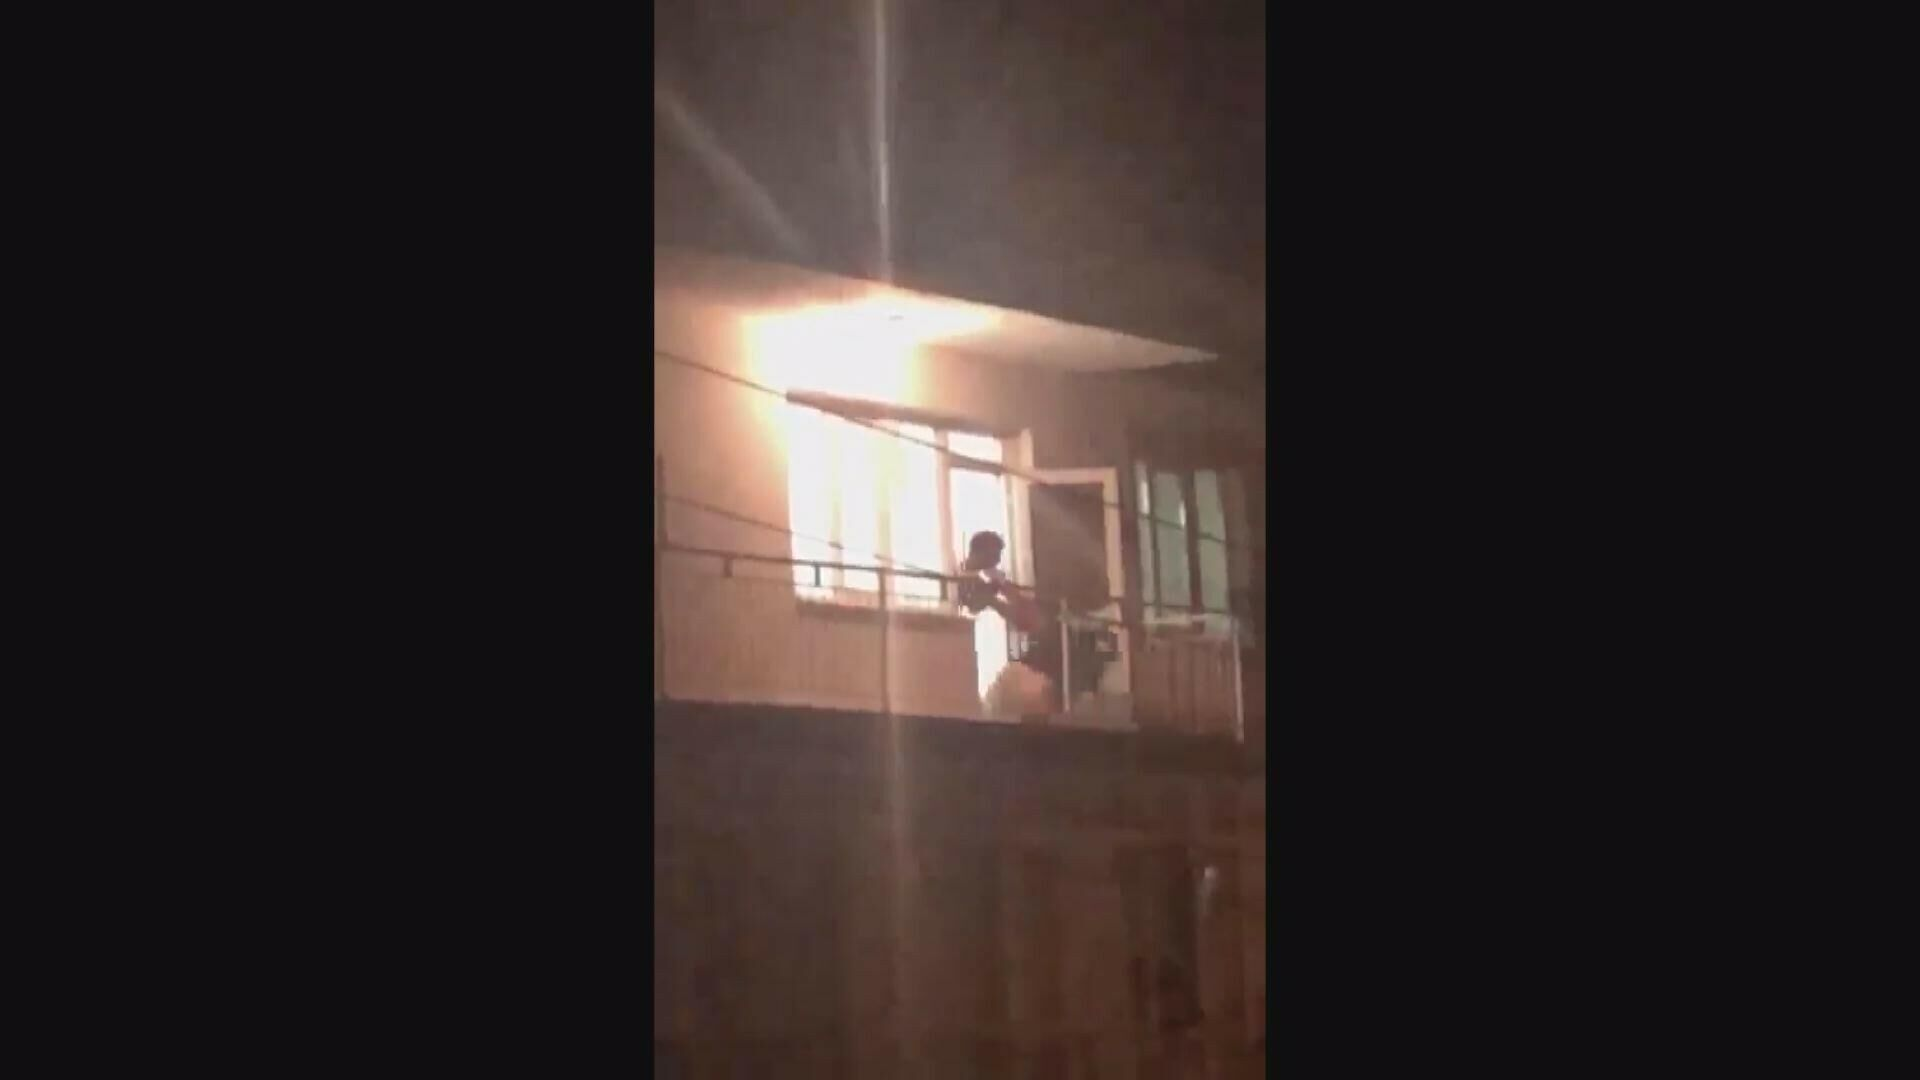 İzmir'in Aliağa ilçesinde, 2 çocuk annesi genç kadının çocuklarının gözü önünde kocası tarafından darp edilmesi anbean cep telefonu görüntülerine yansırken, gözaltına alınan şüpheli çıkarıldığı mahkemece tutuklandı. - Sputnik Türkiye, 1920, 20.09.2021